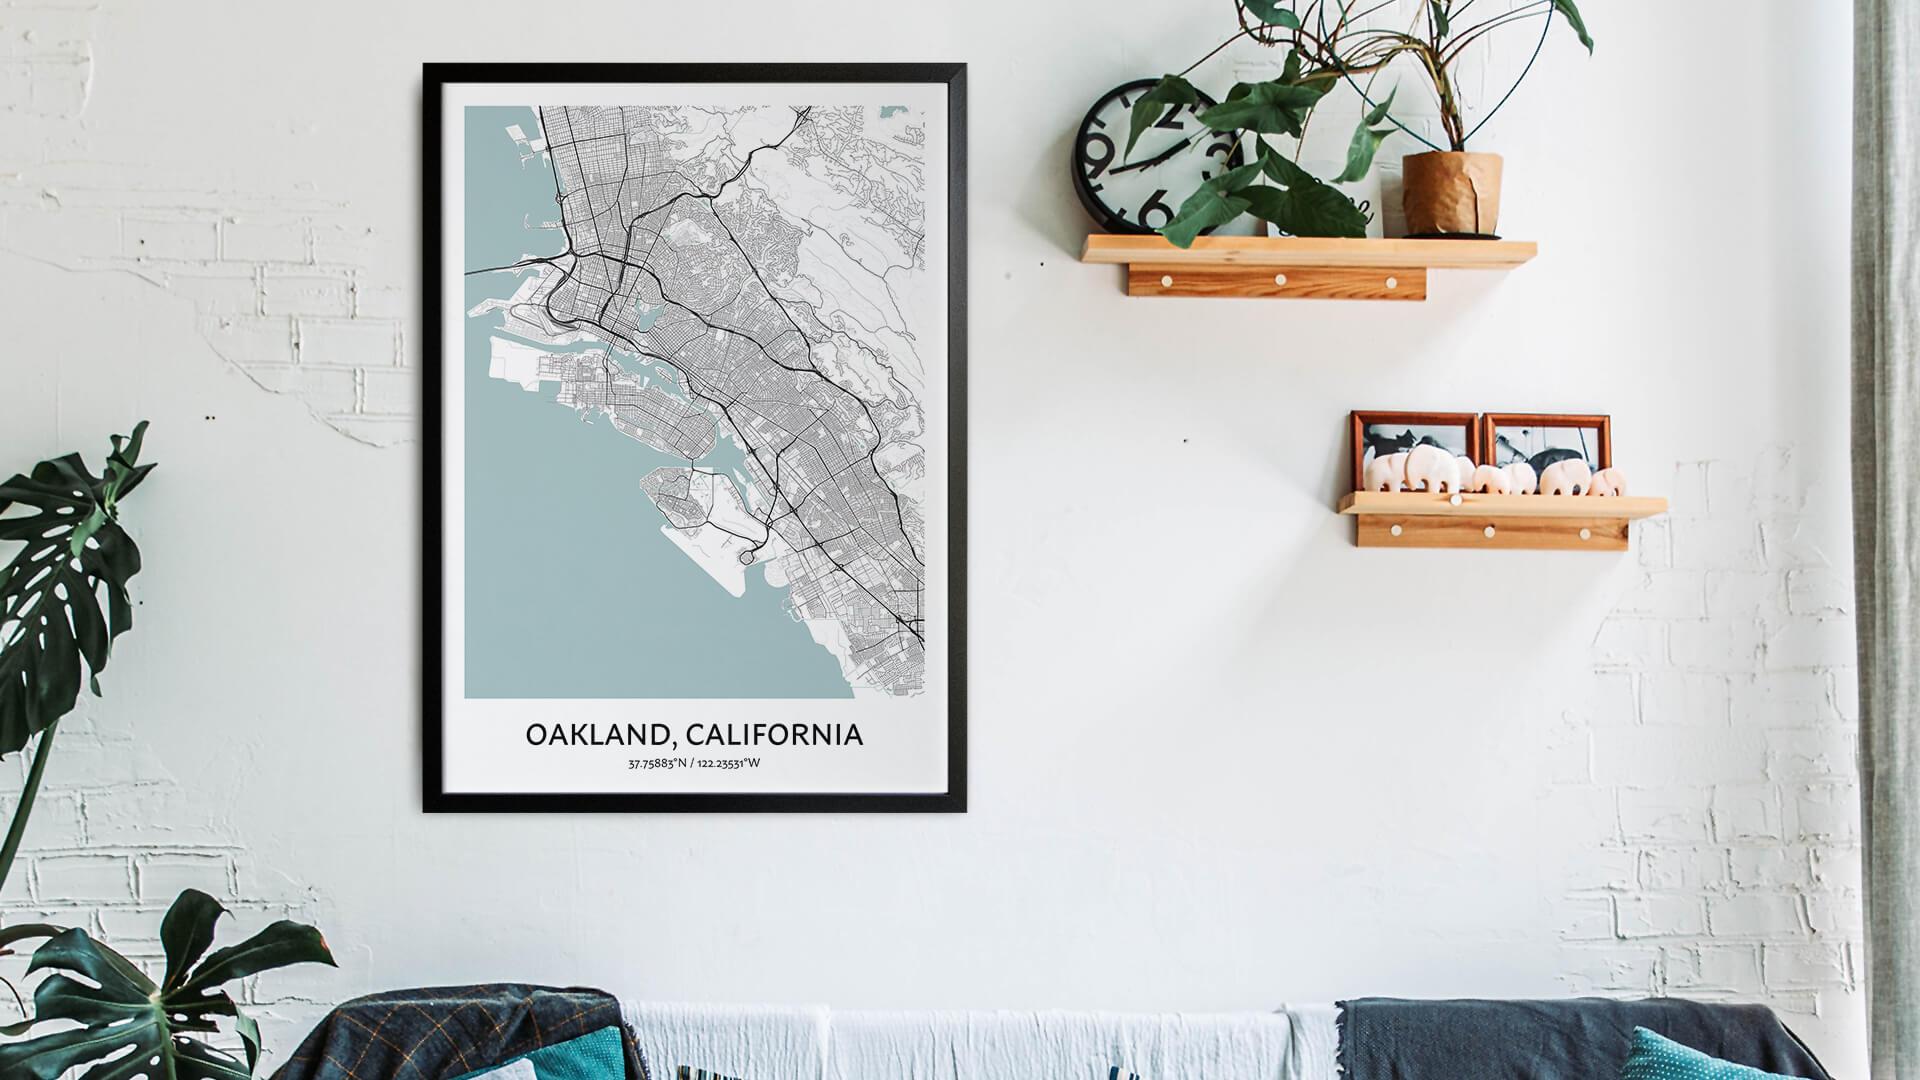 Oakland map art